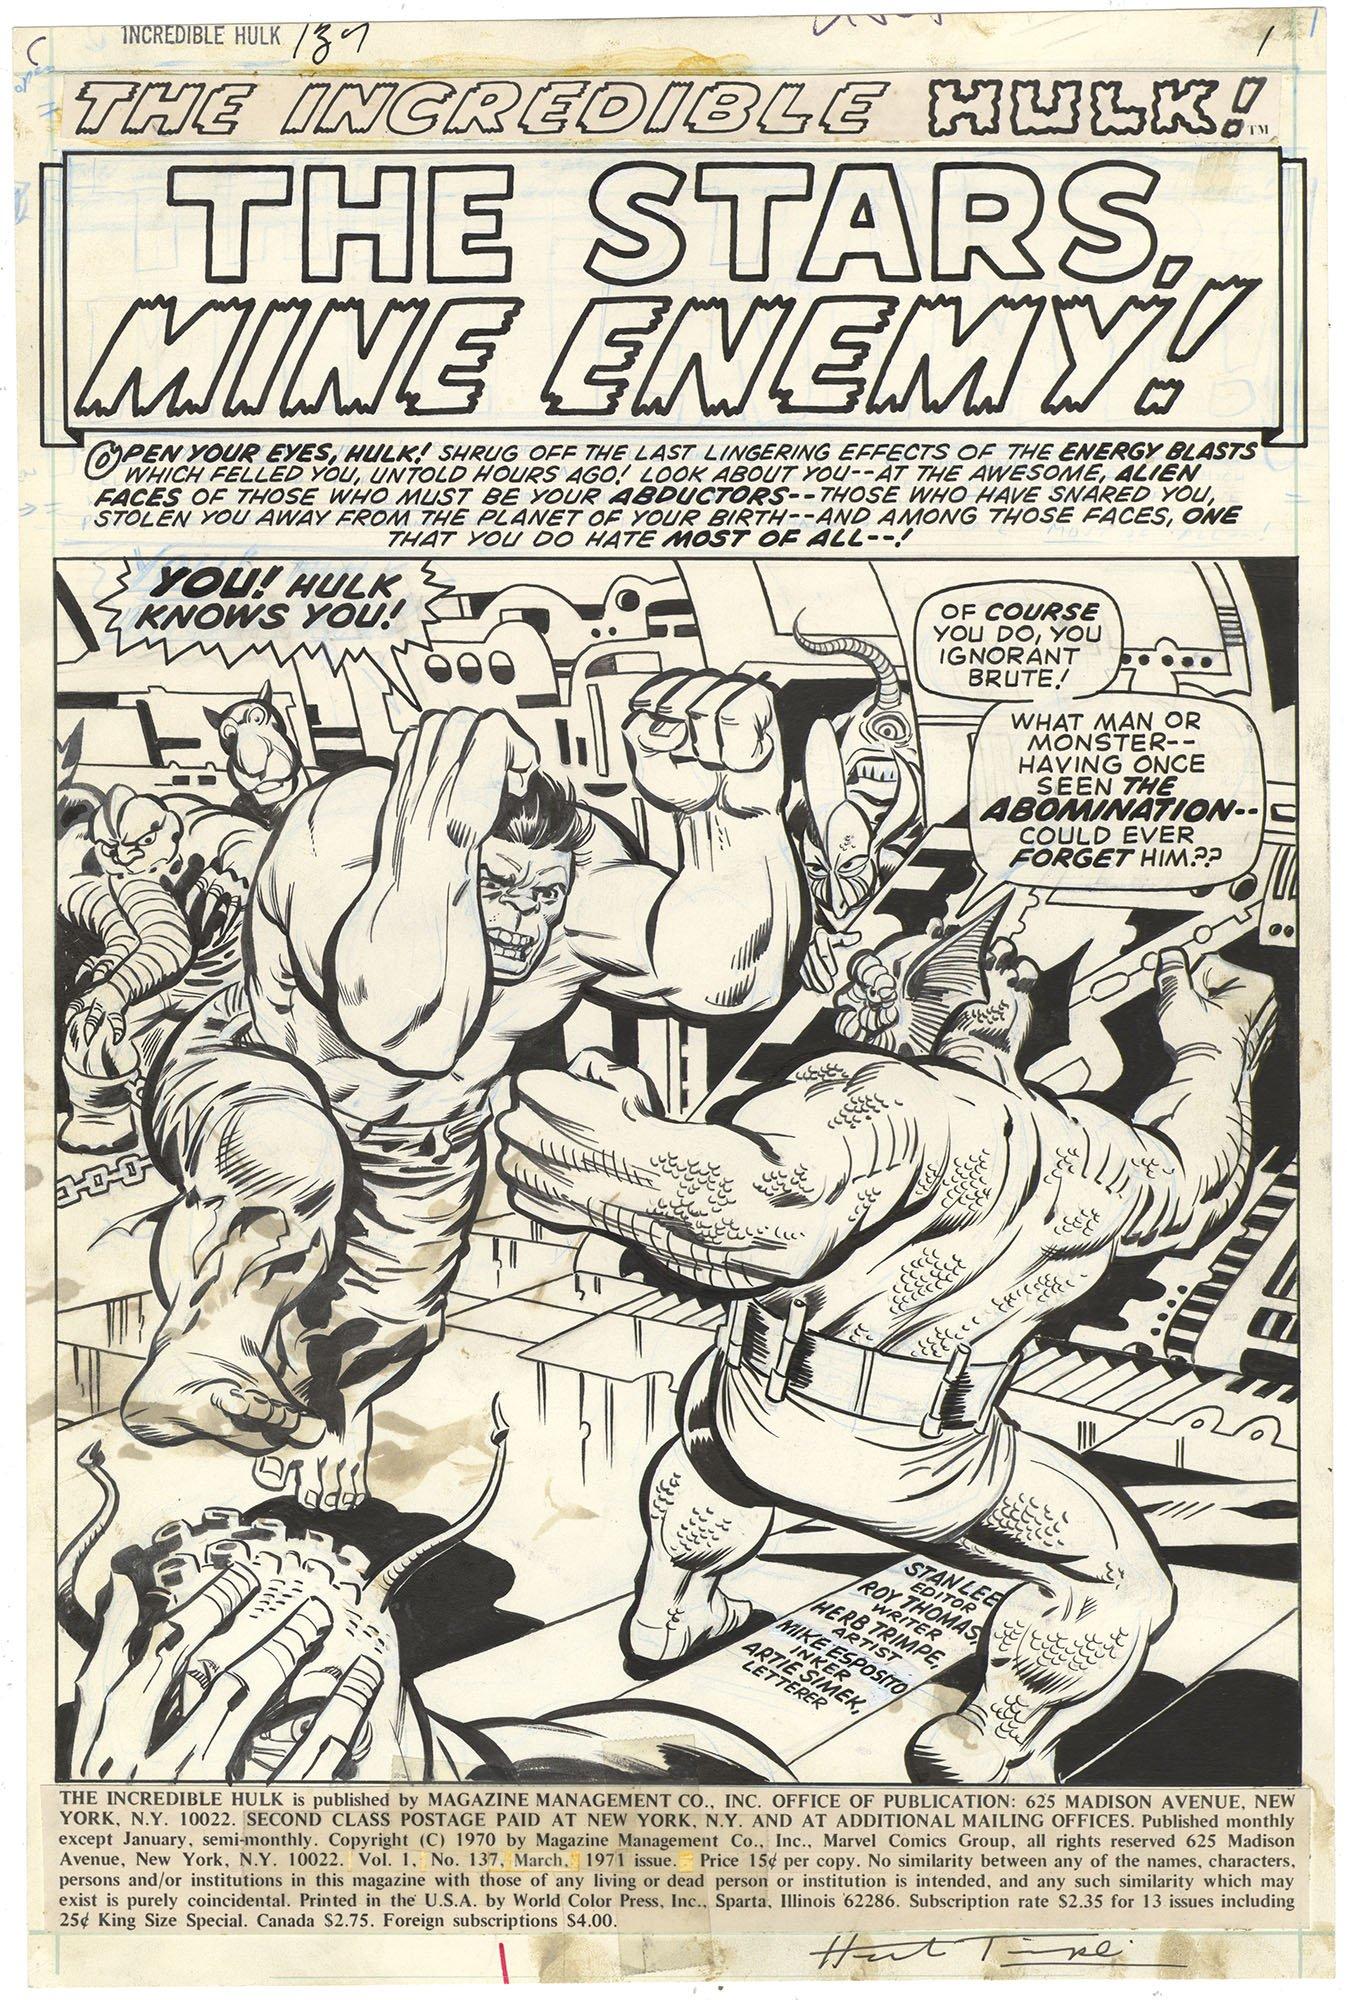 Incredible Hulk #137 p1 (Signed)